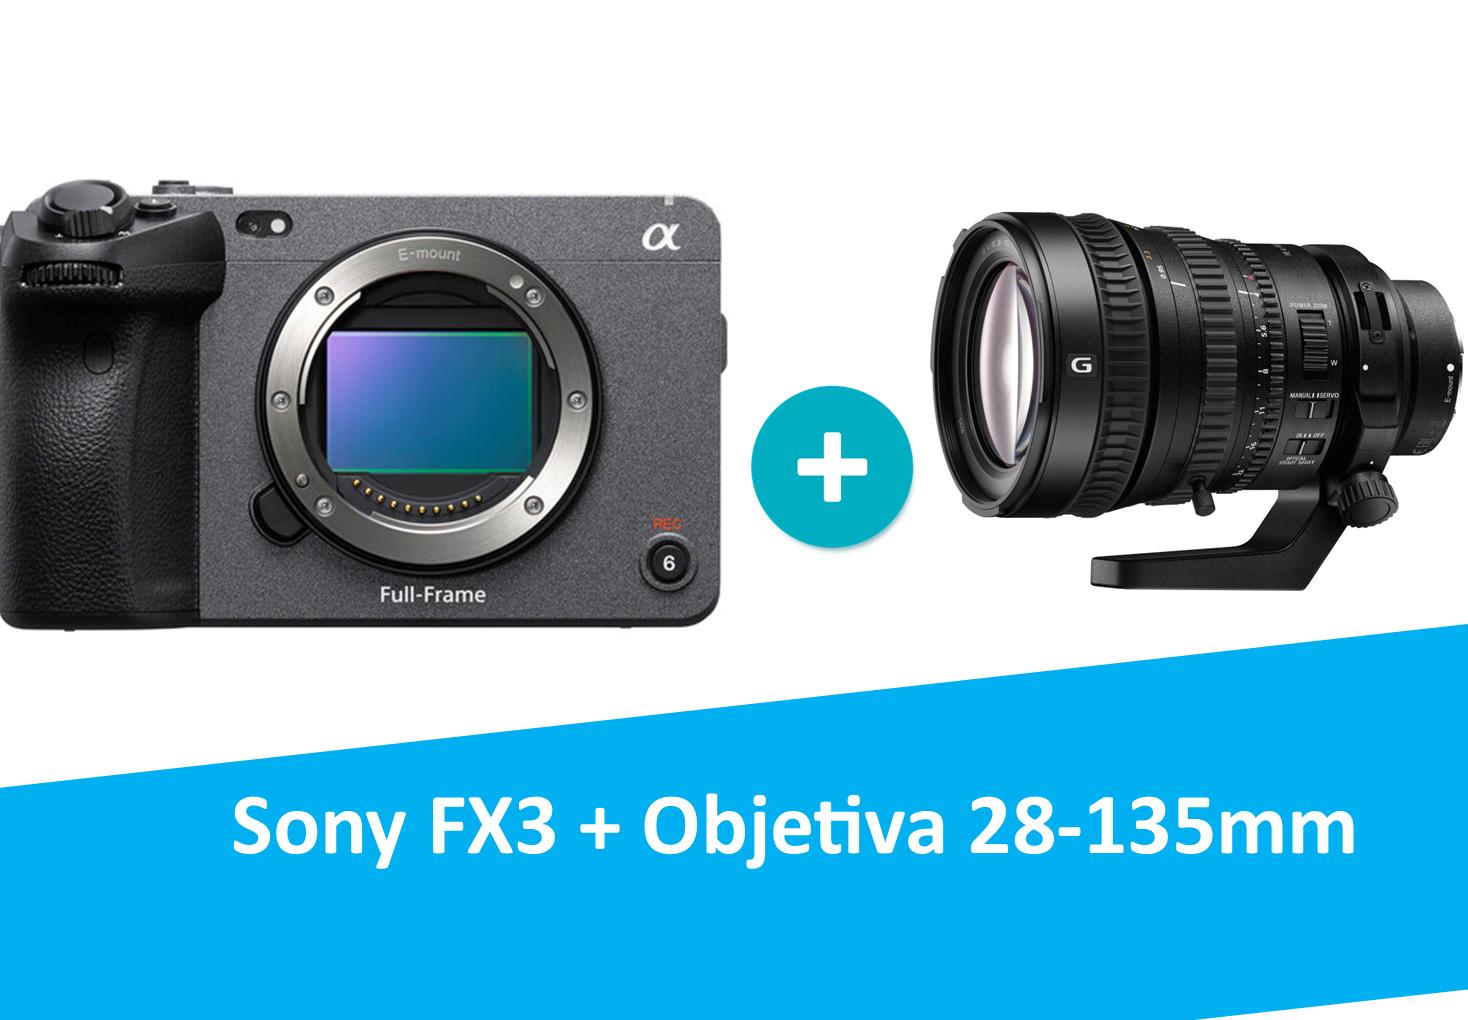 Sony FX3 + Objetiva Sony 28-135mm